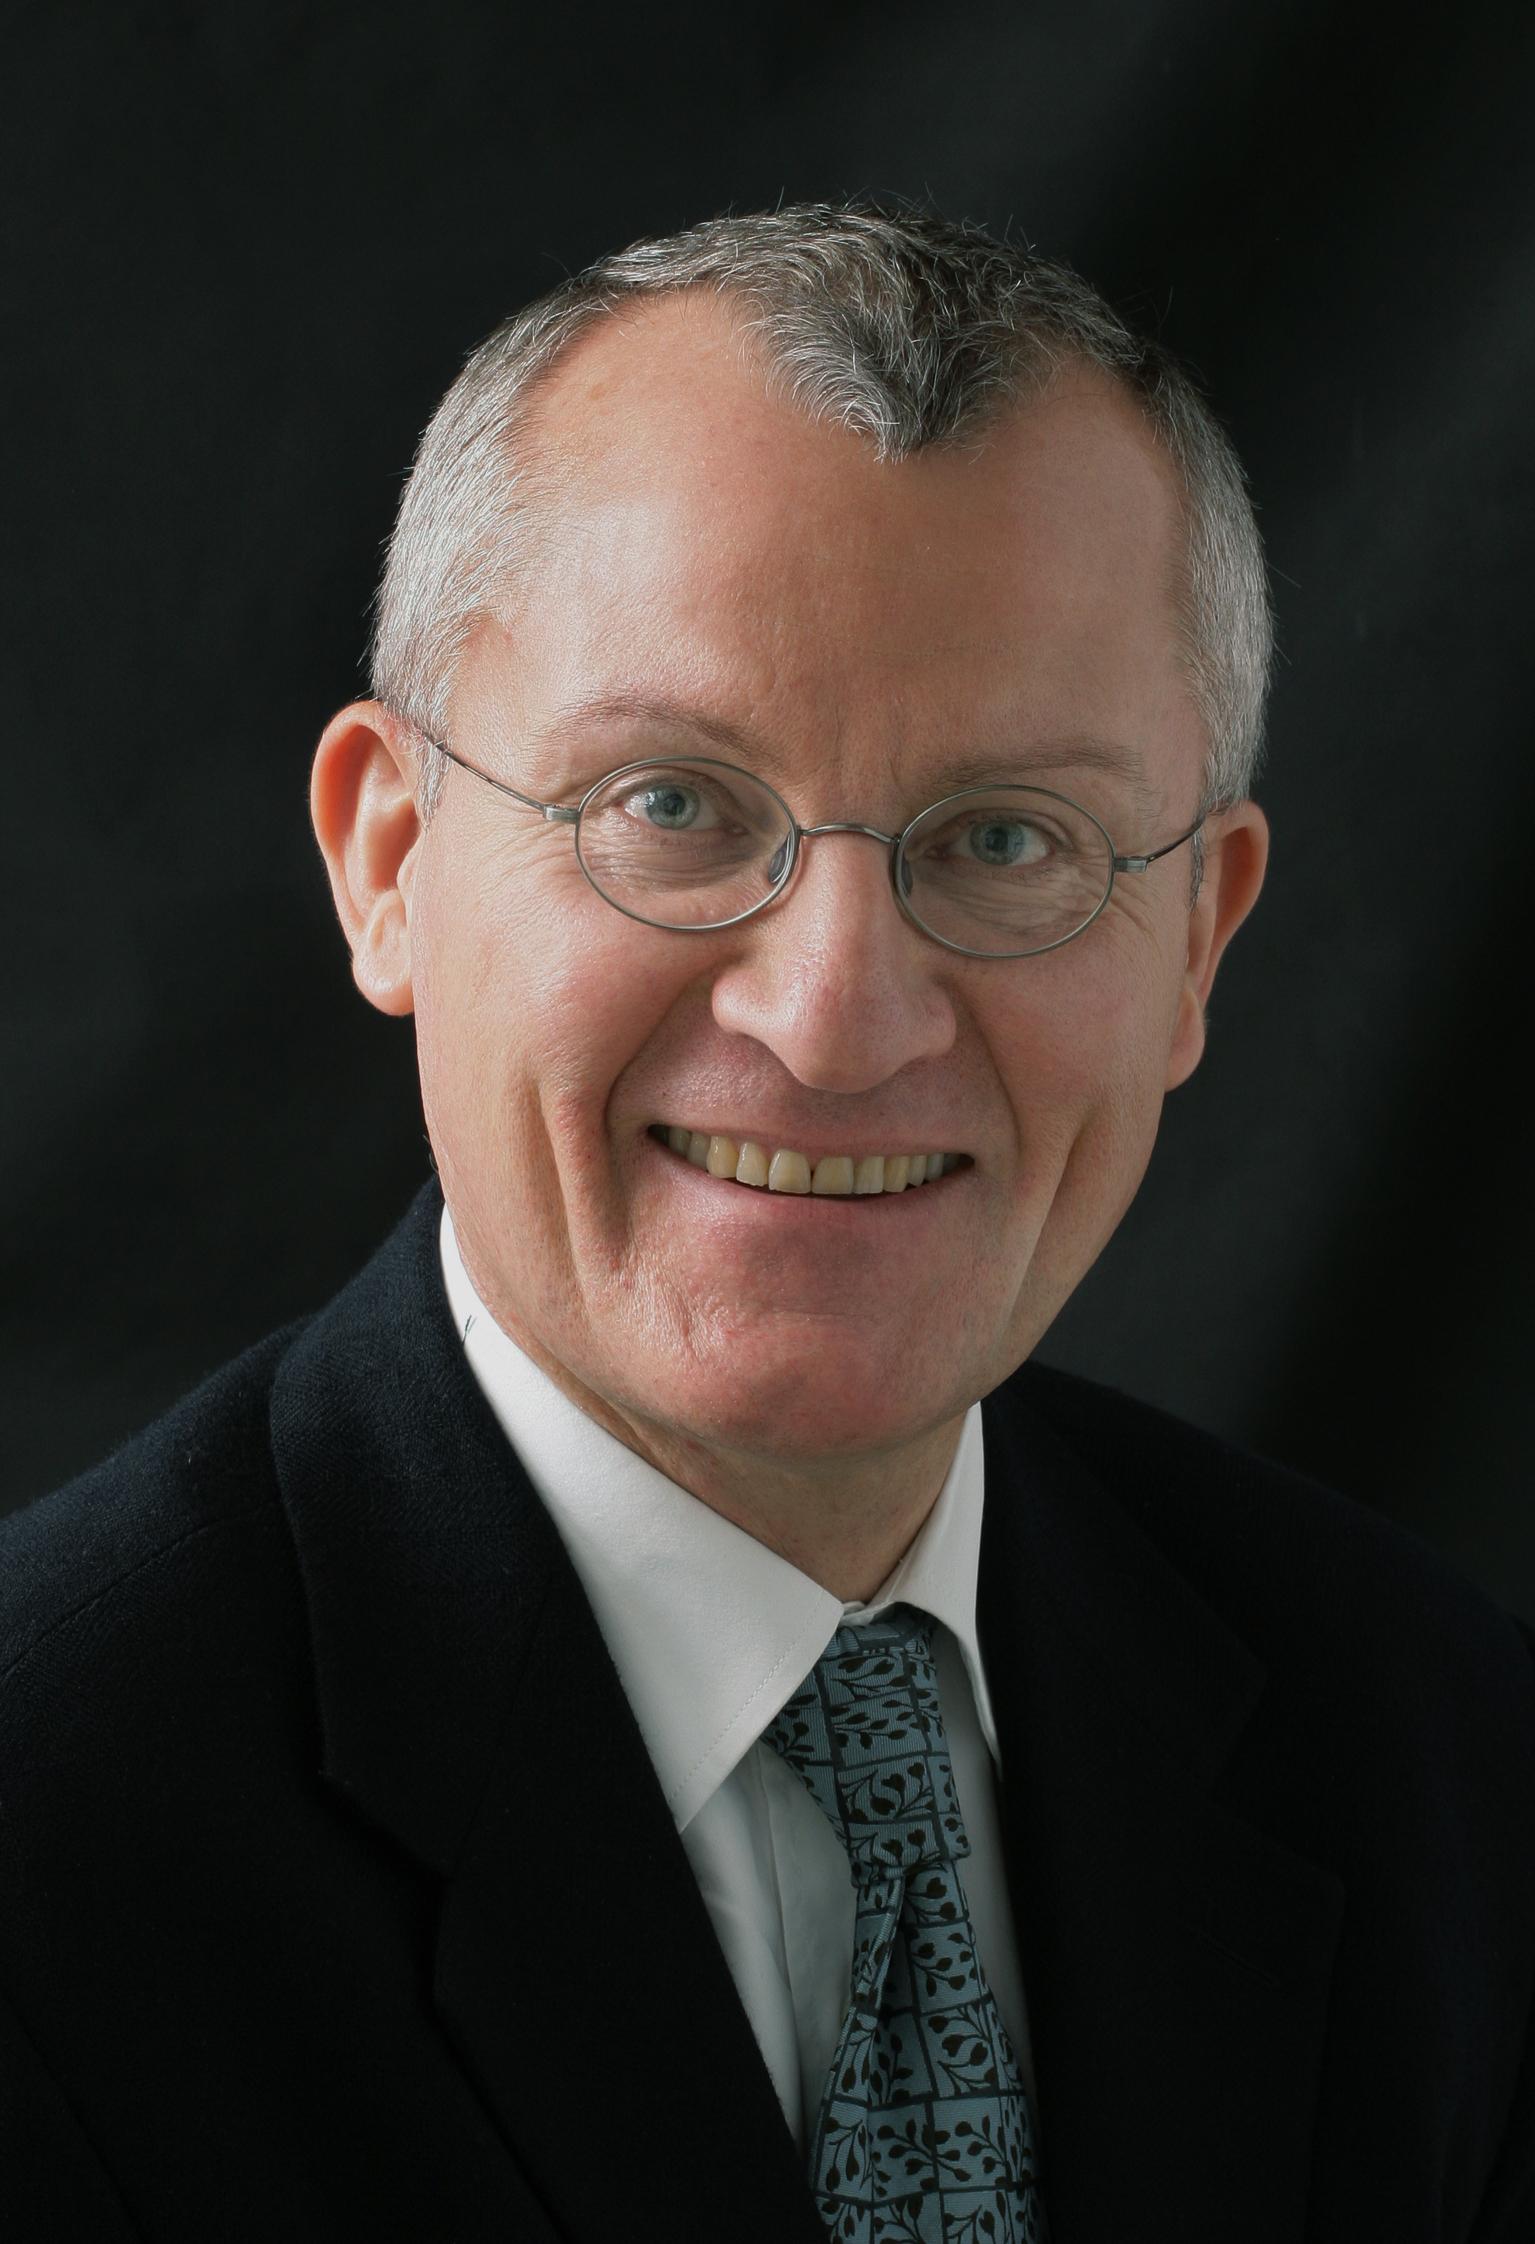 La place du DRH dans la stratégie de l'entreprise